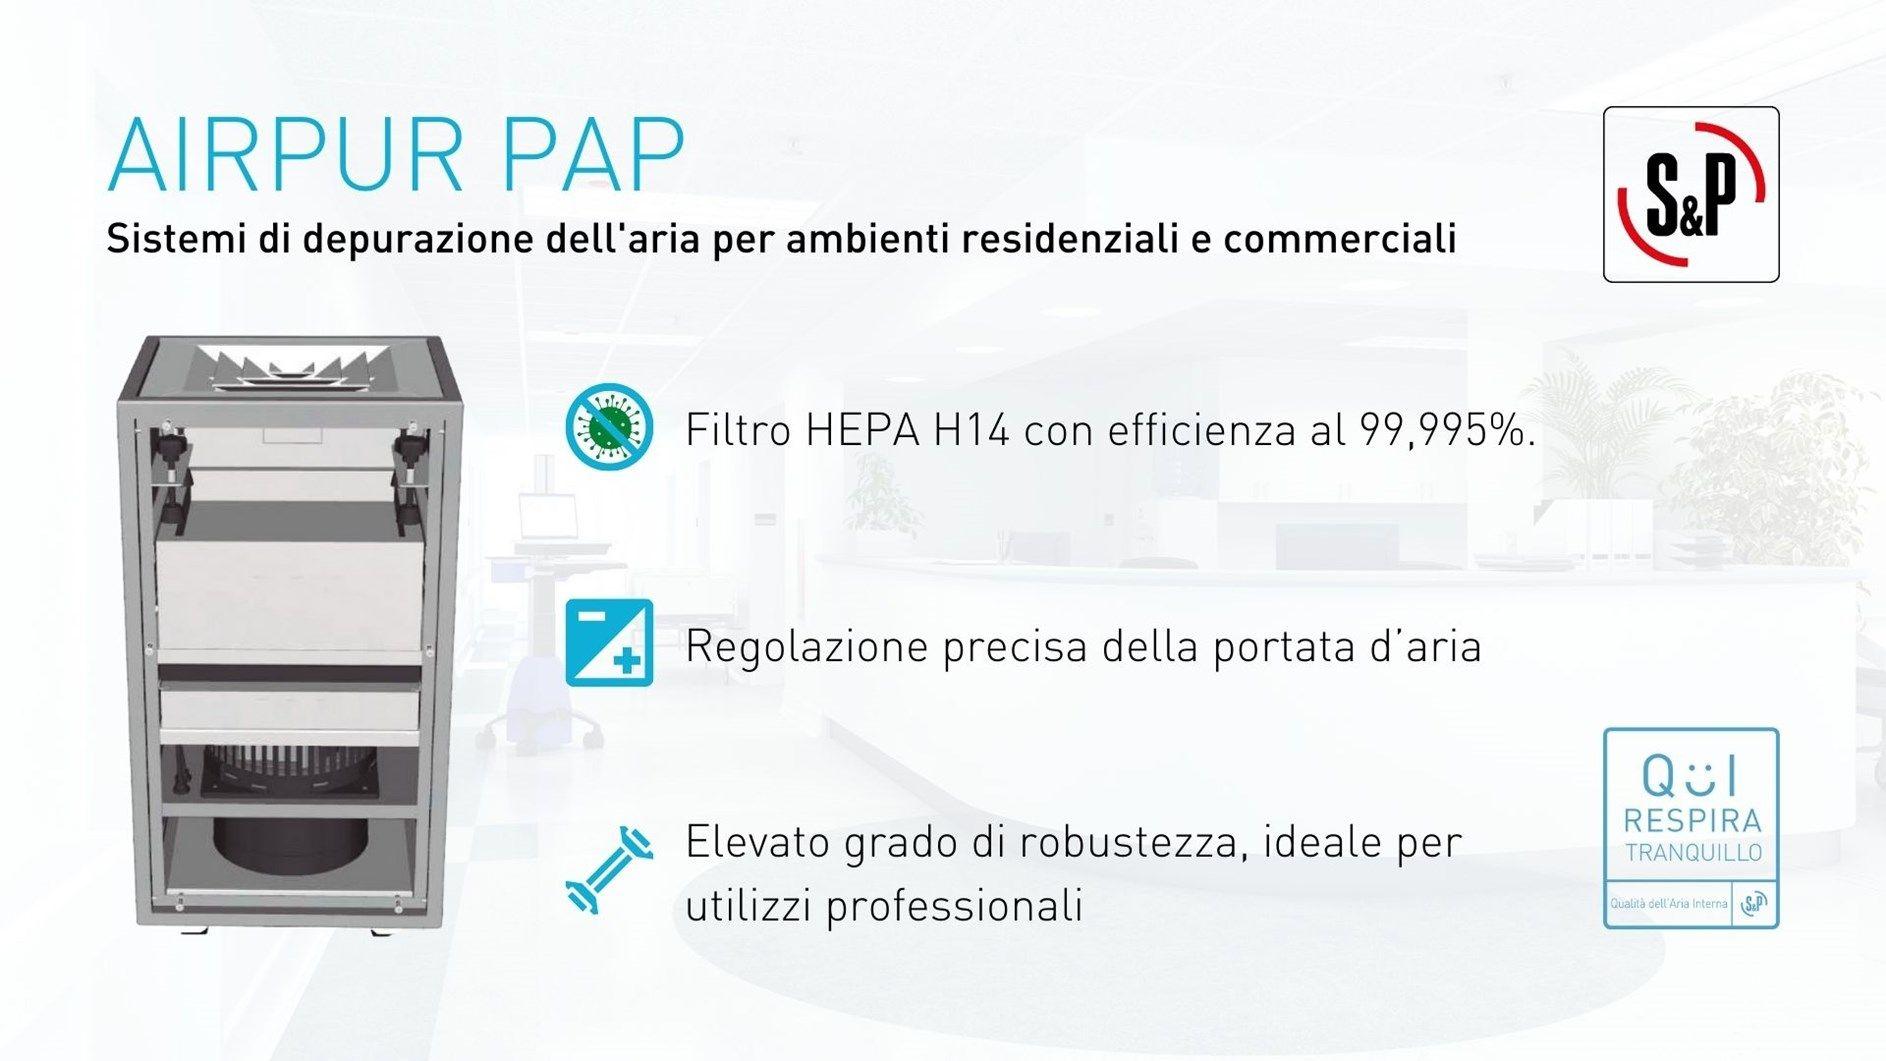 S&P, aria purificata negli ambienti chiusi con i sistemi AIRPUR PAP